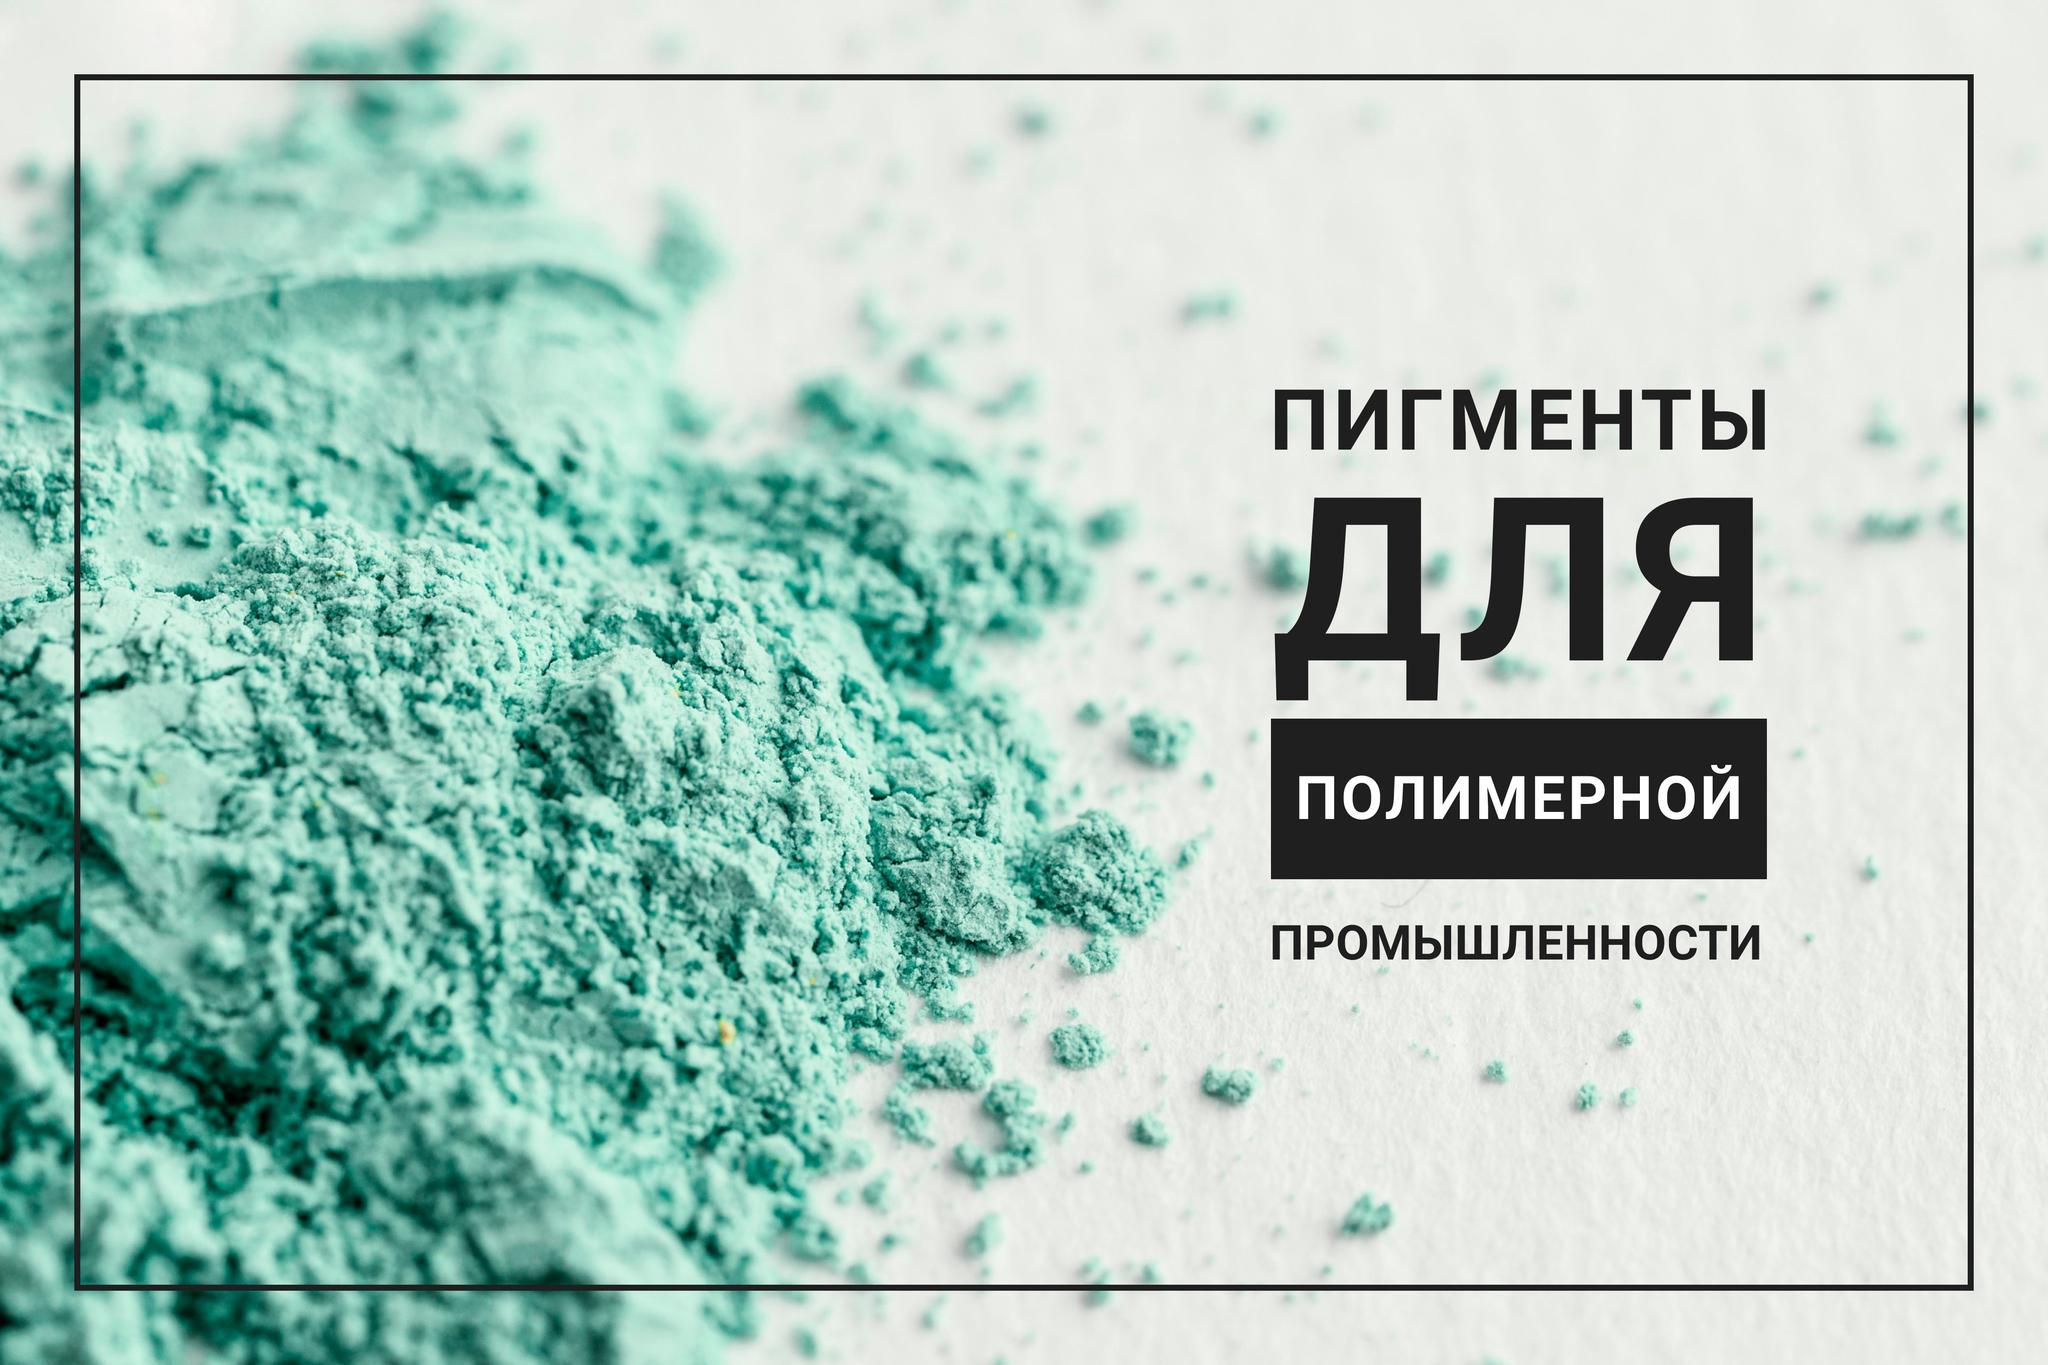 Фиолетовый бетон купить фибробетон купить краснодар